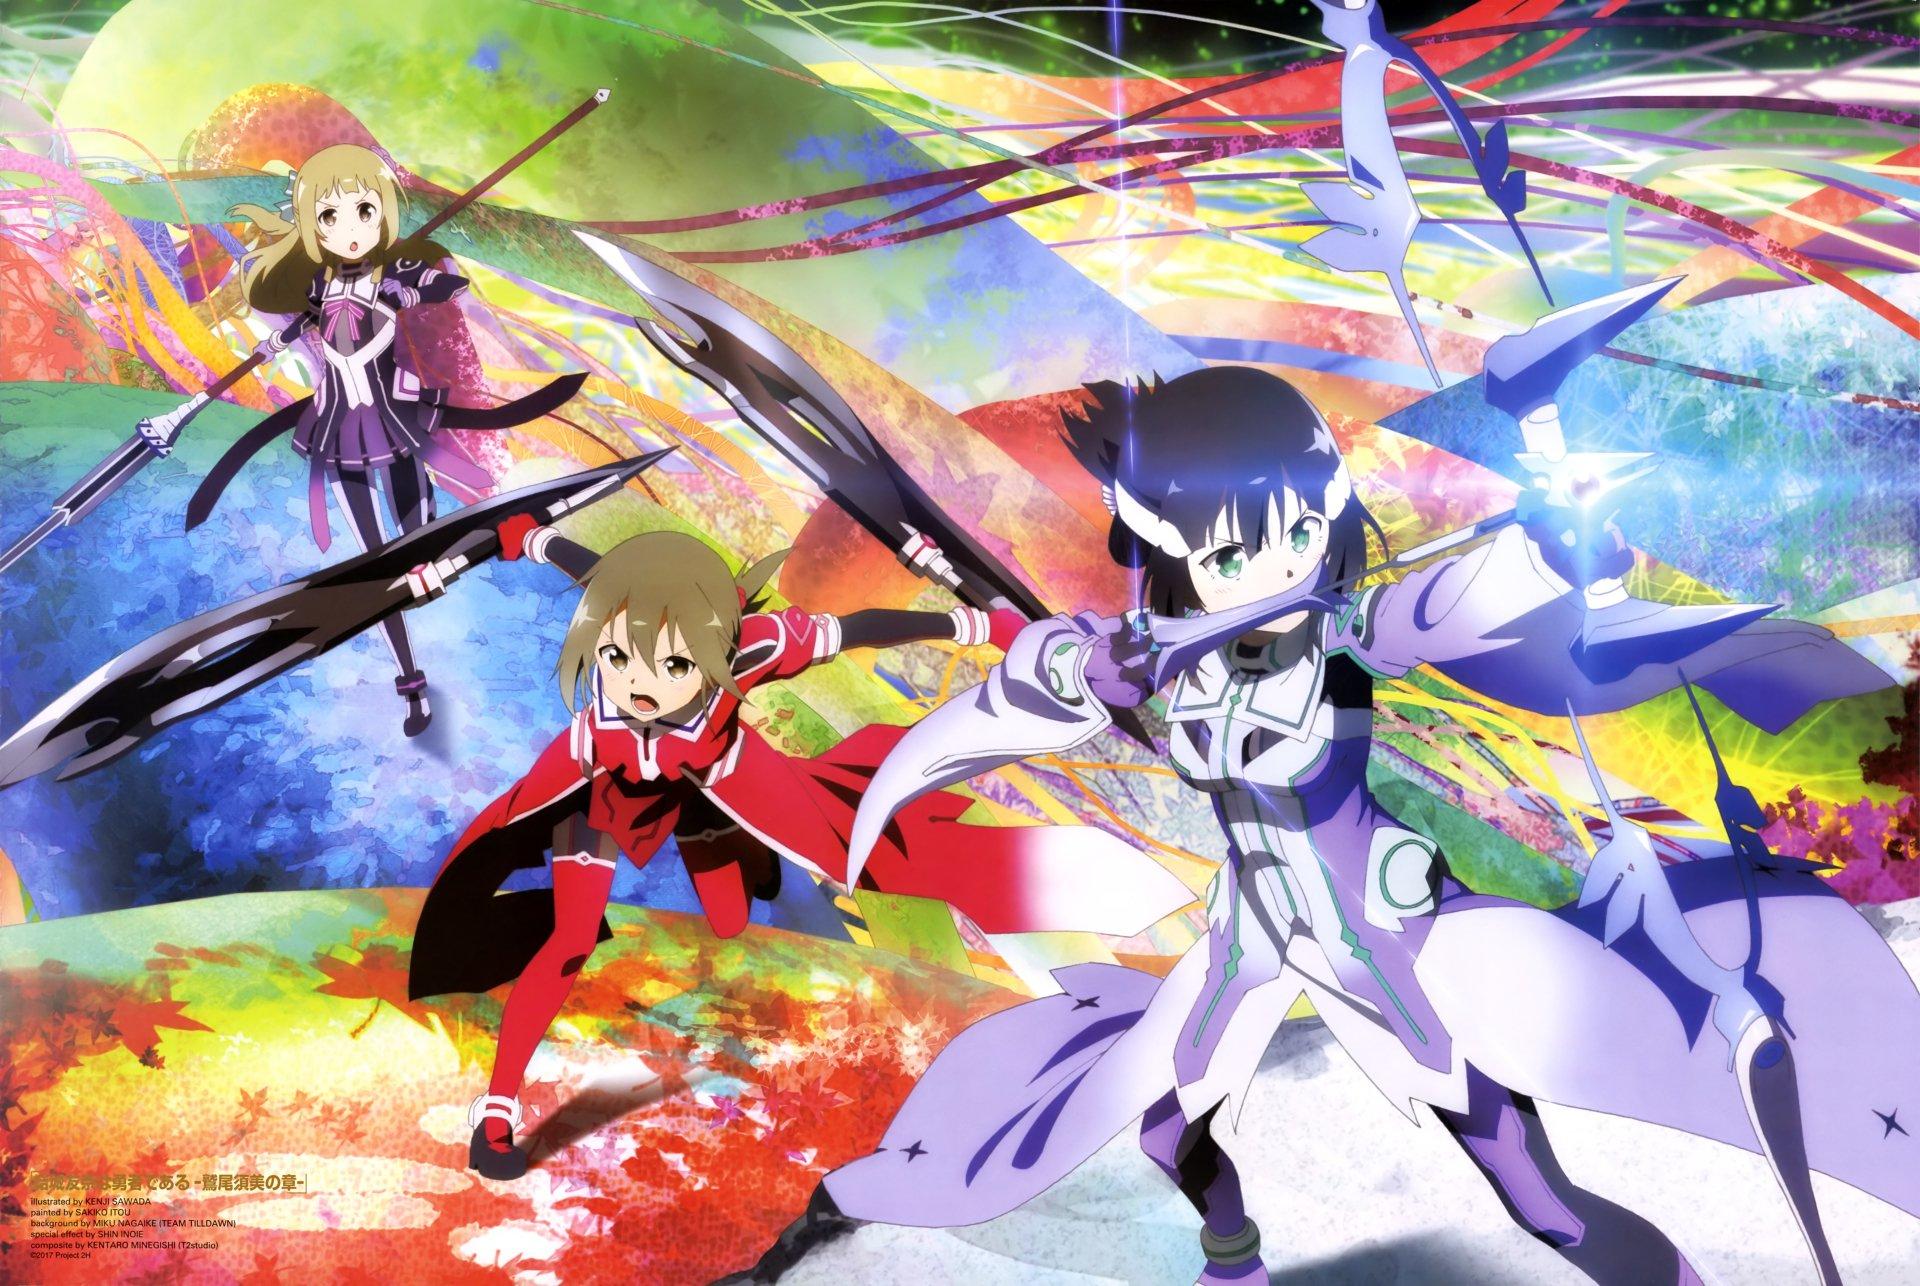 5 4k Ultra Hd Yuuki Yuuna Wa Yuusha De Aru Wallpapers Background